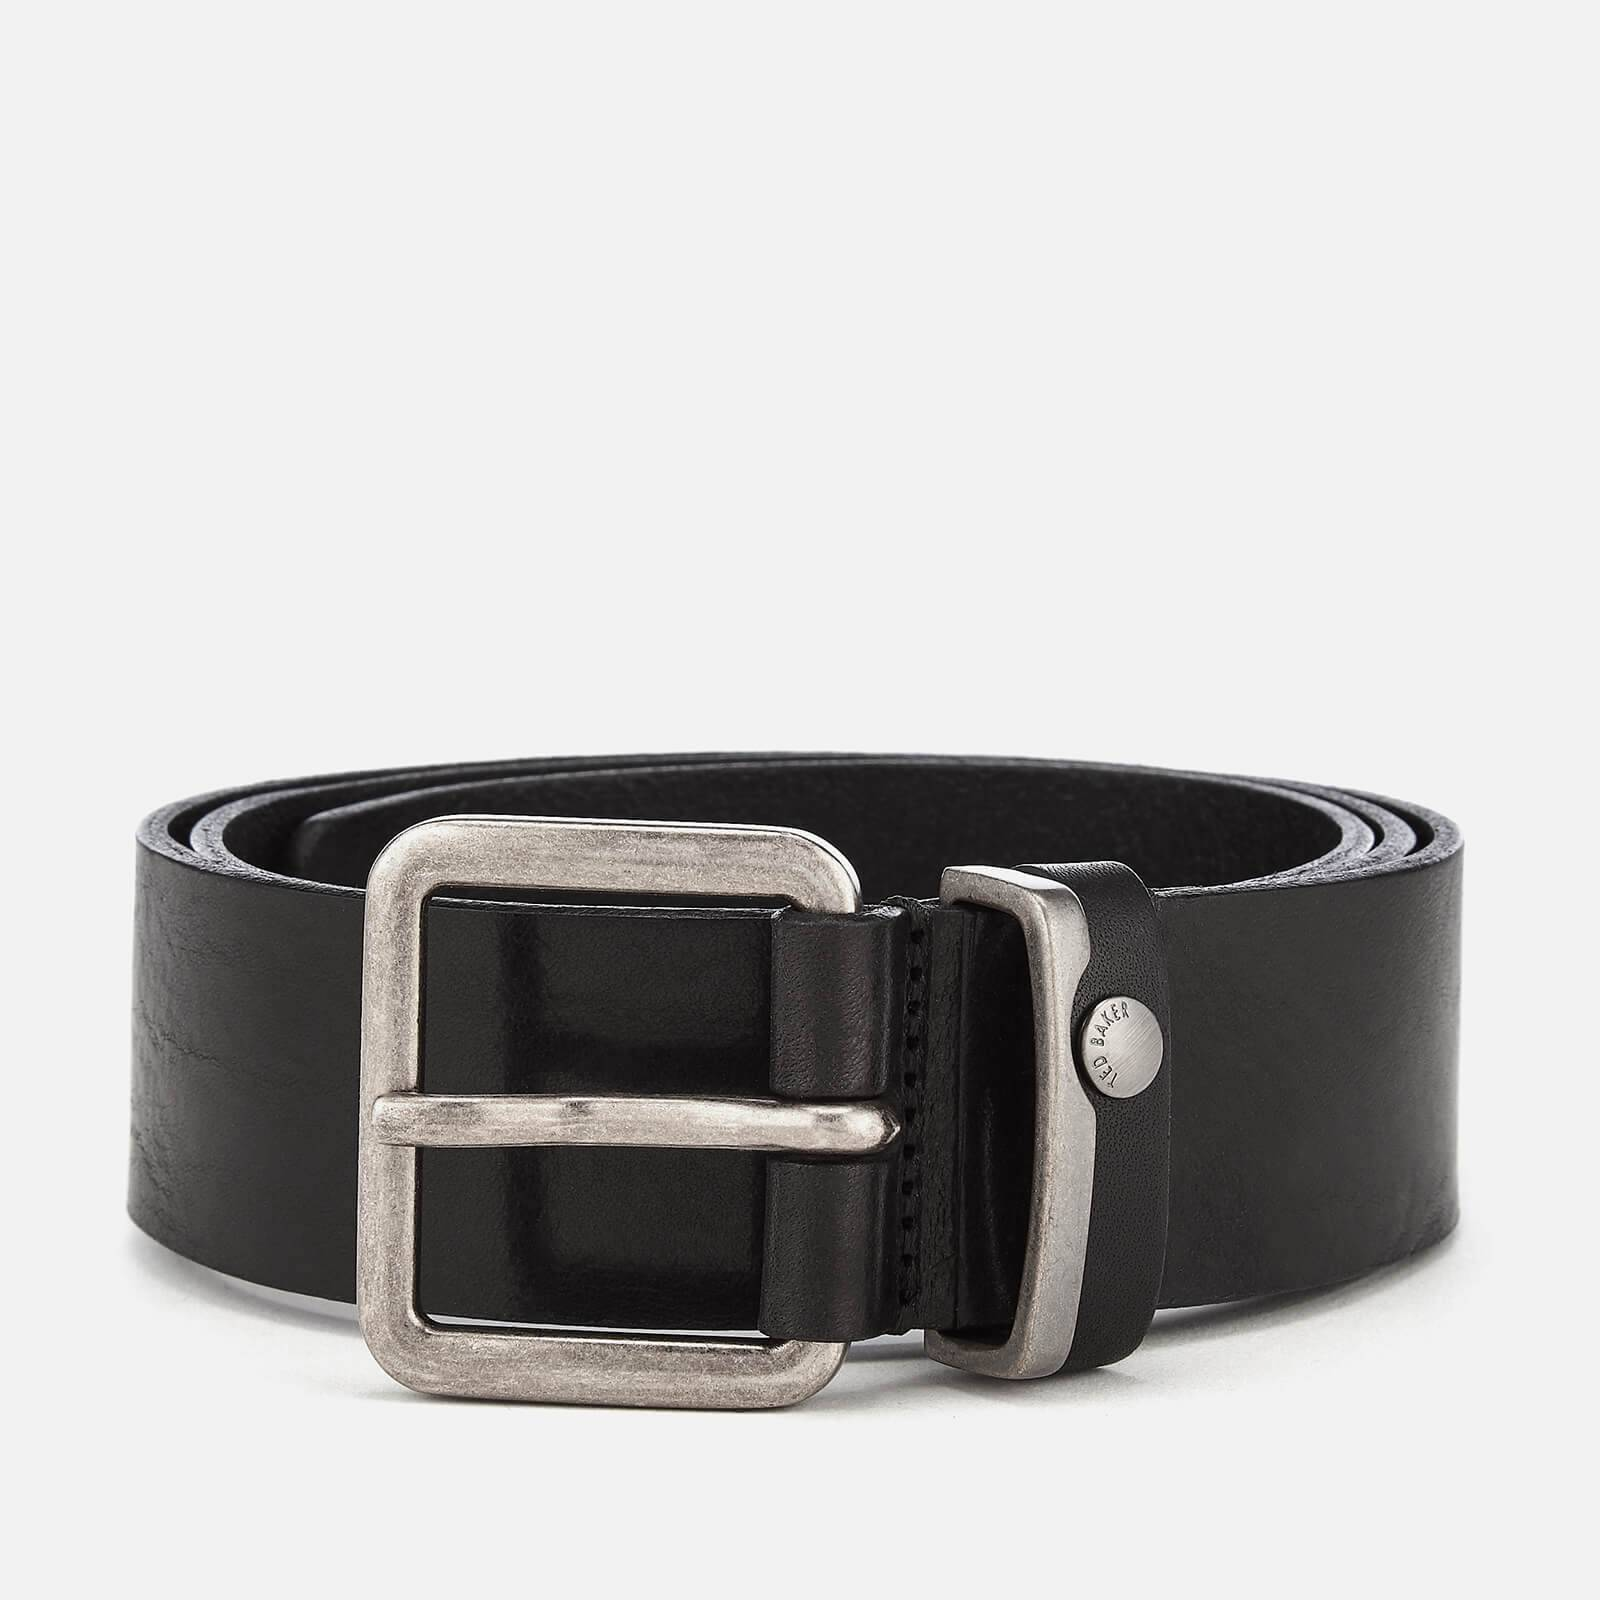 Ted Baker Men's Katchup Leather Belt - Black - W34 - Black